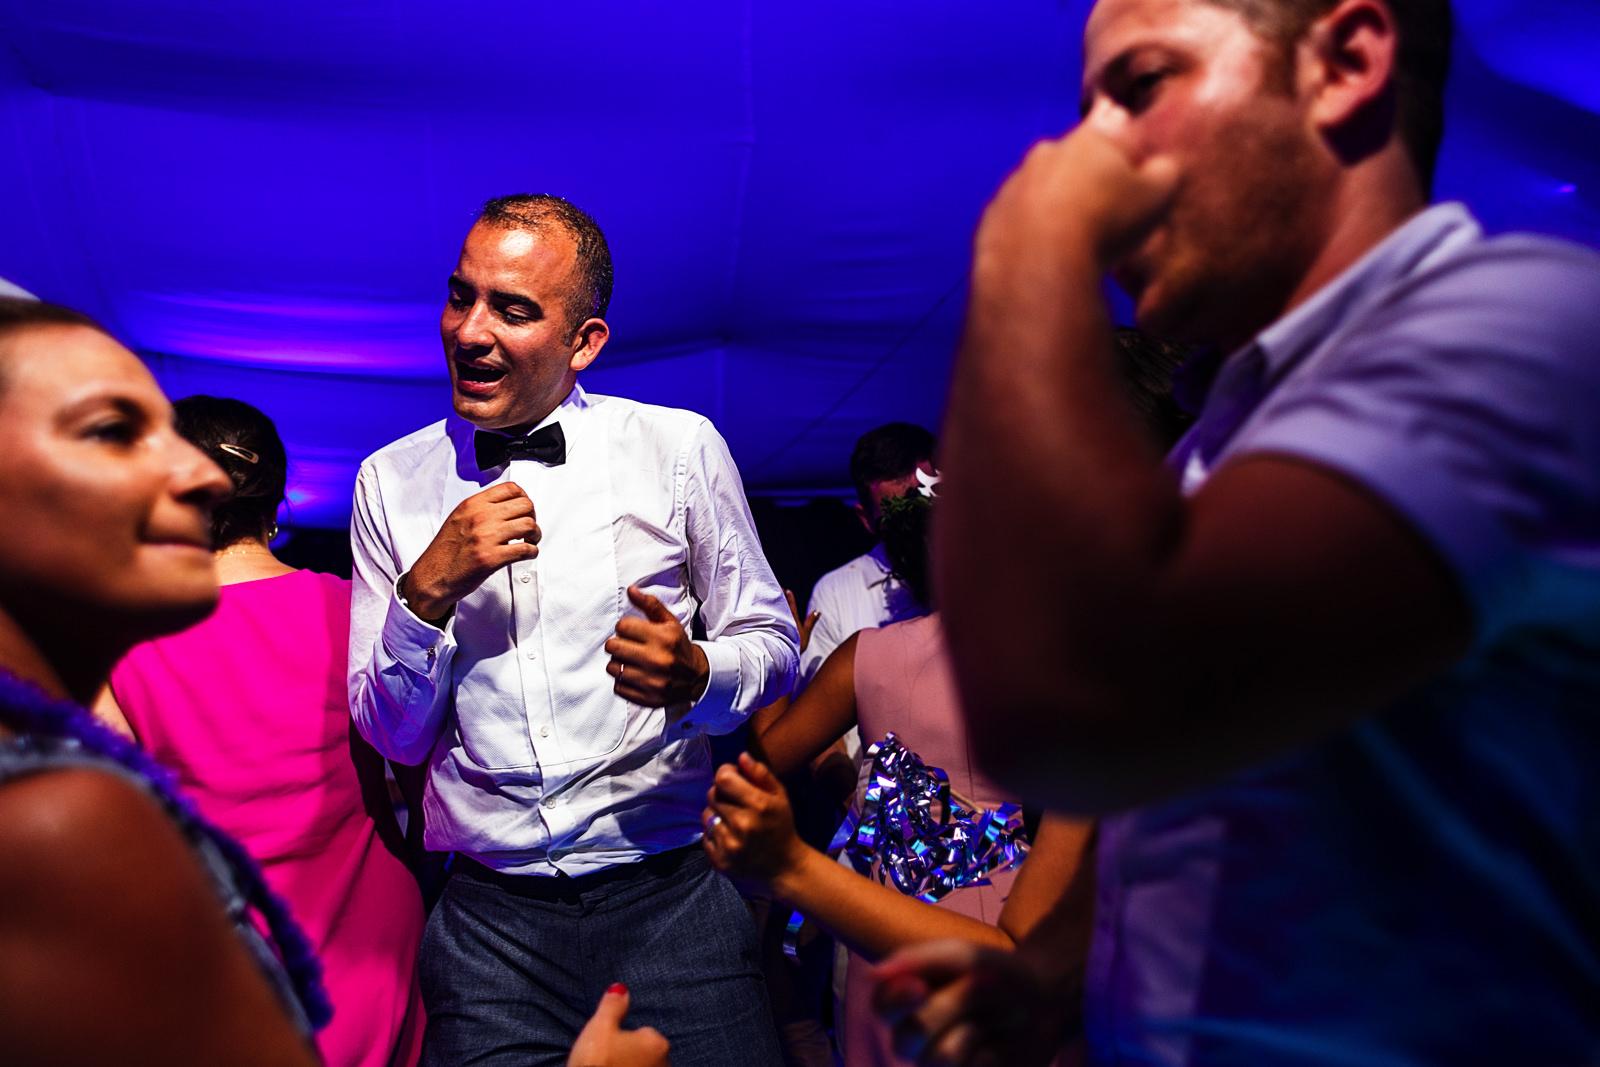 Novio e invitados bailando en la fiesta del día de su boda